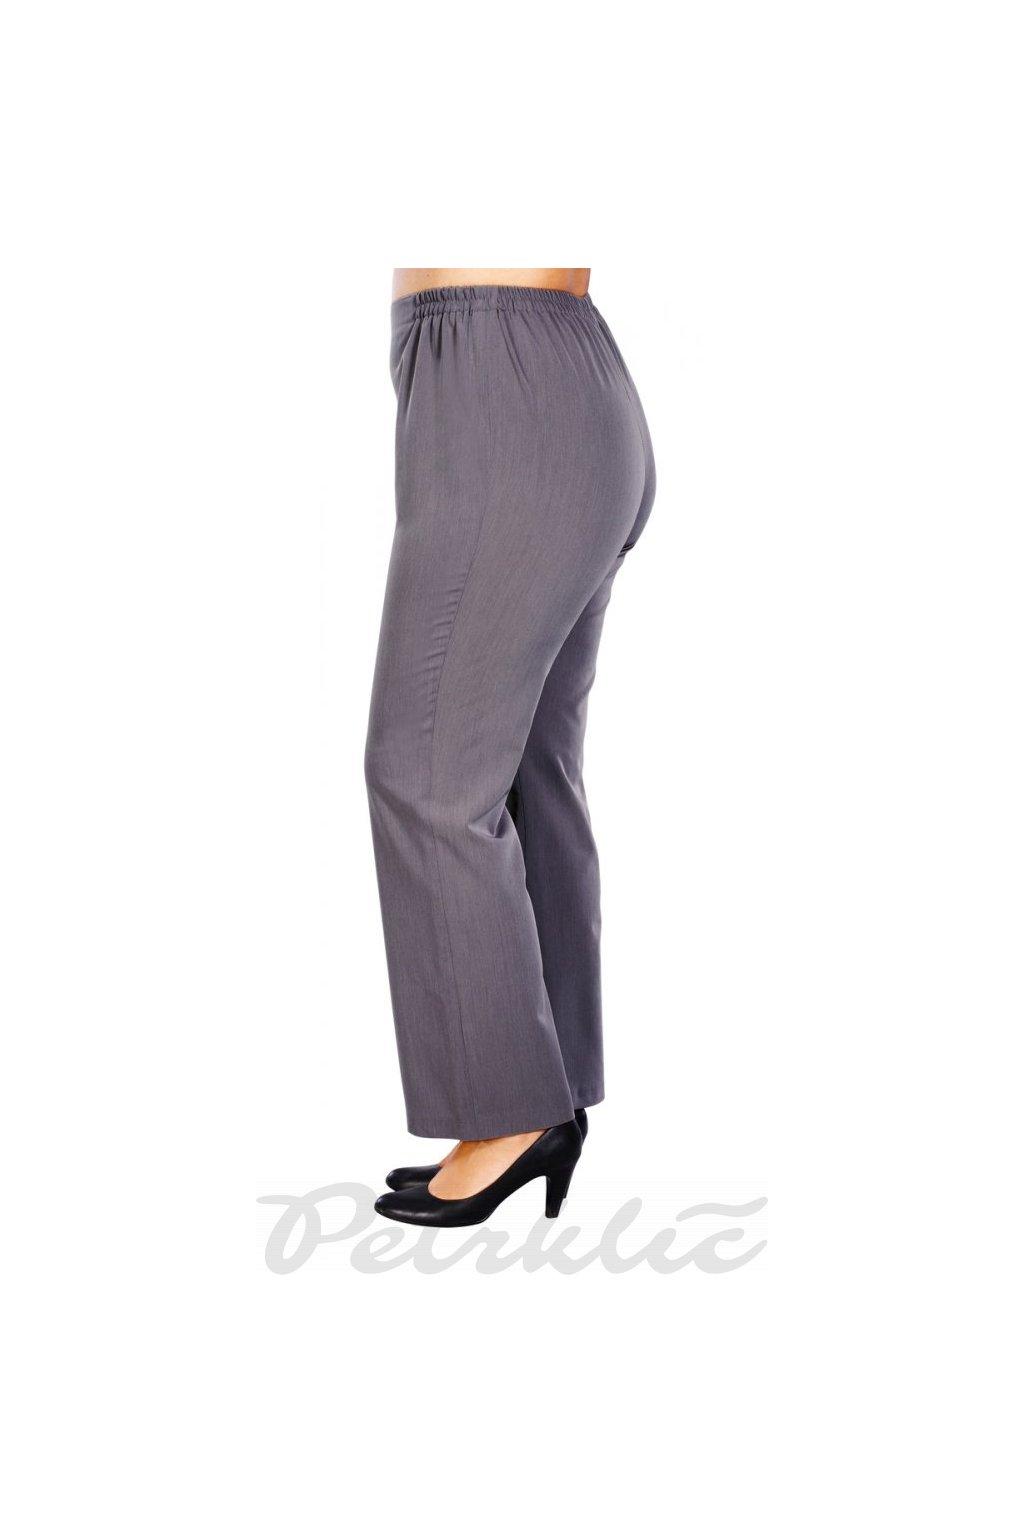 BETA - kalhoty vnitřní délka 70 cm